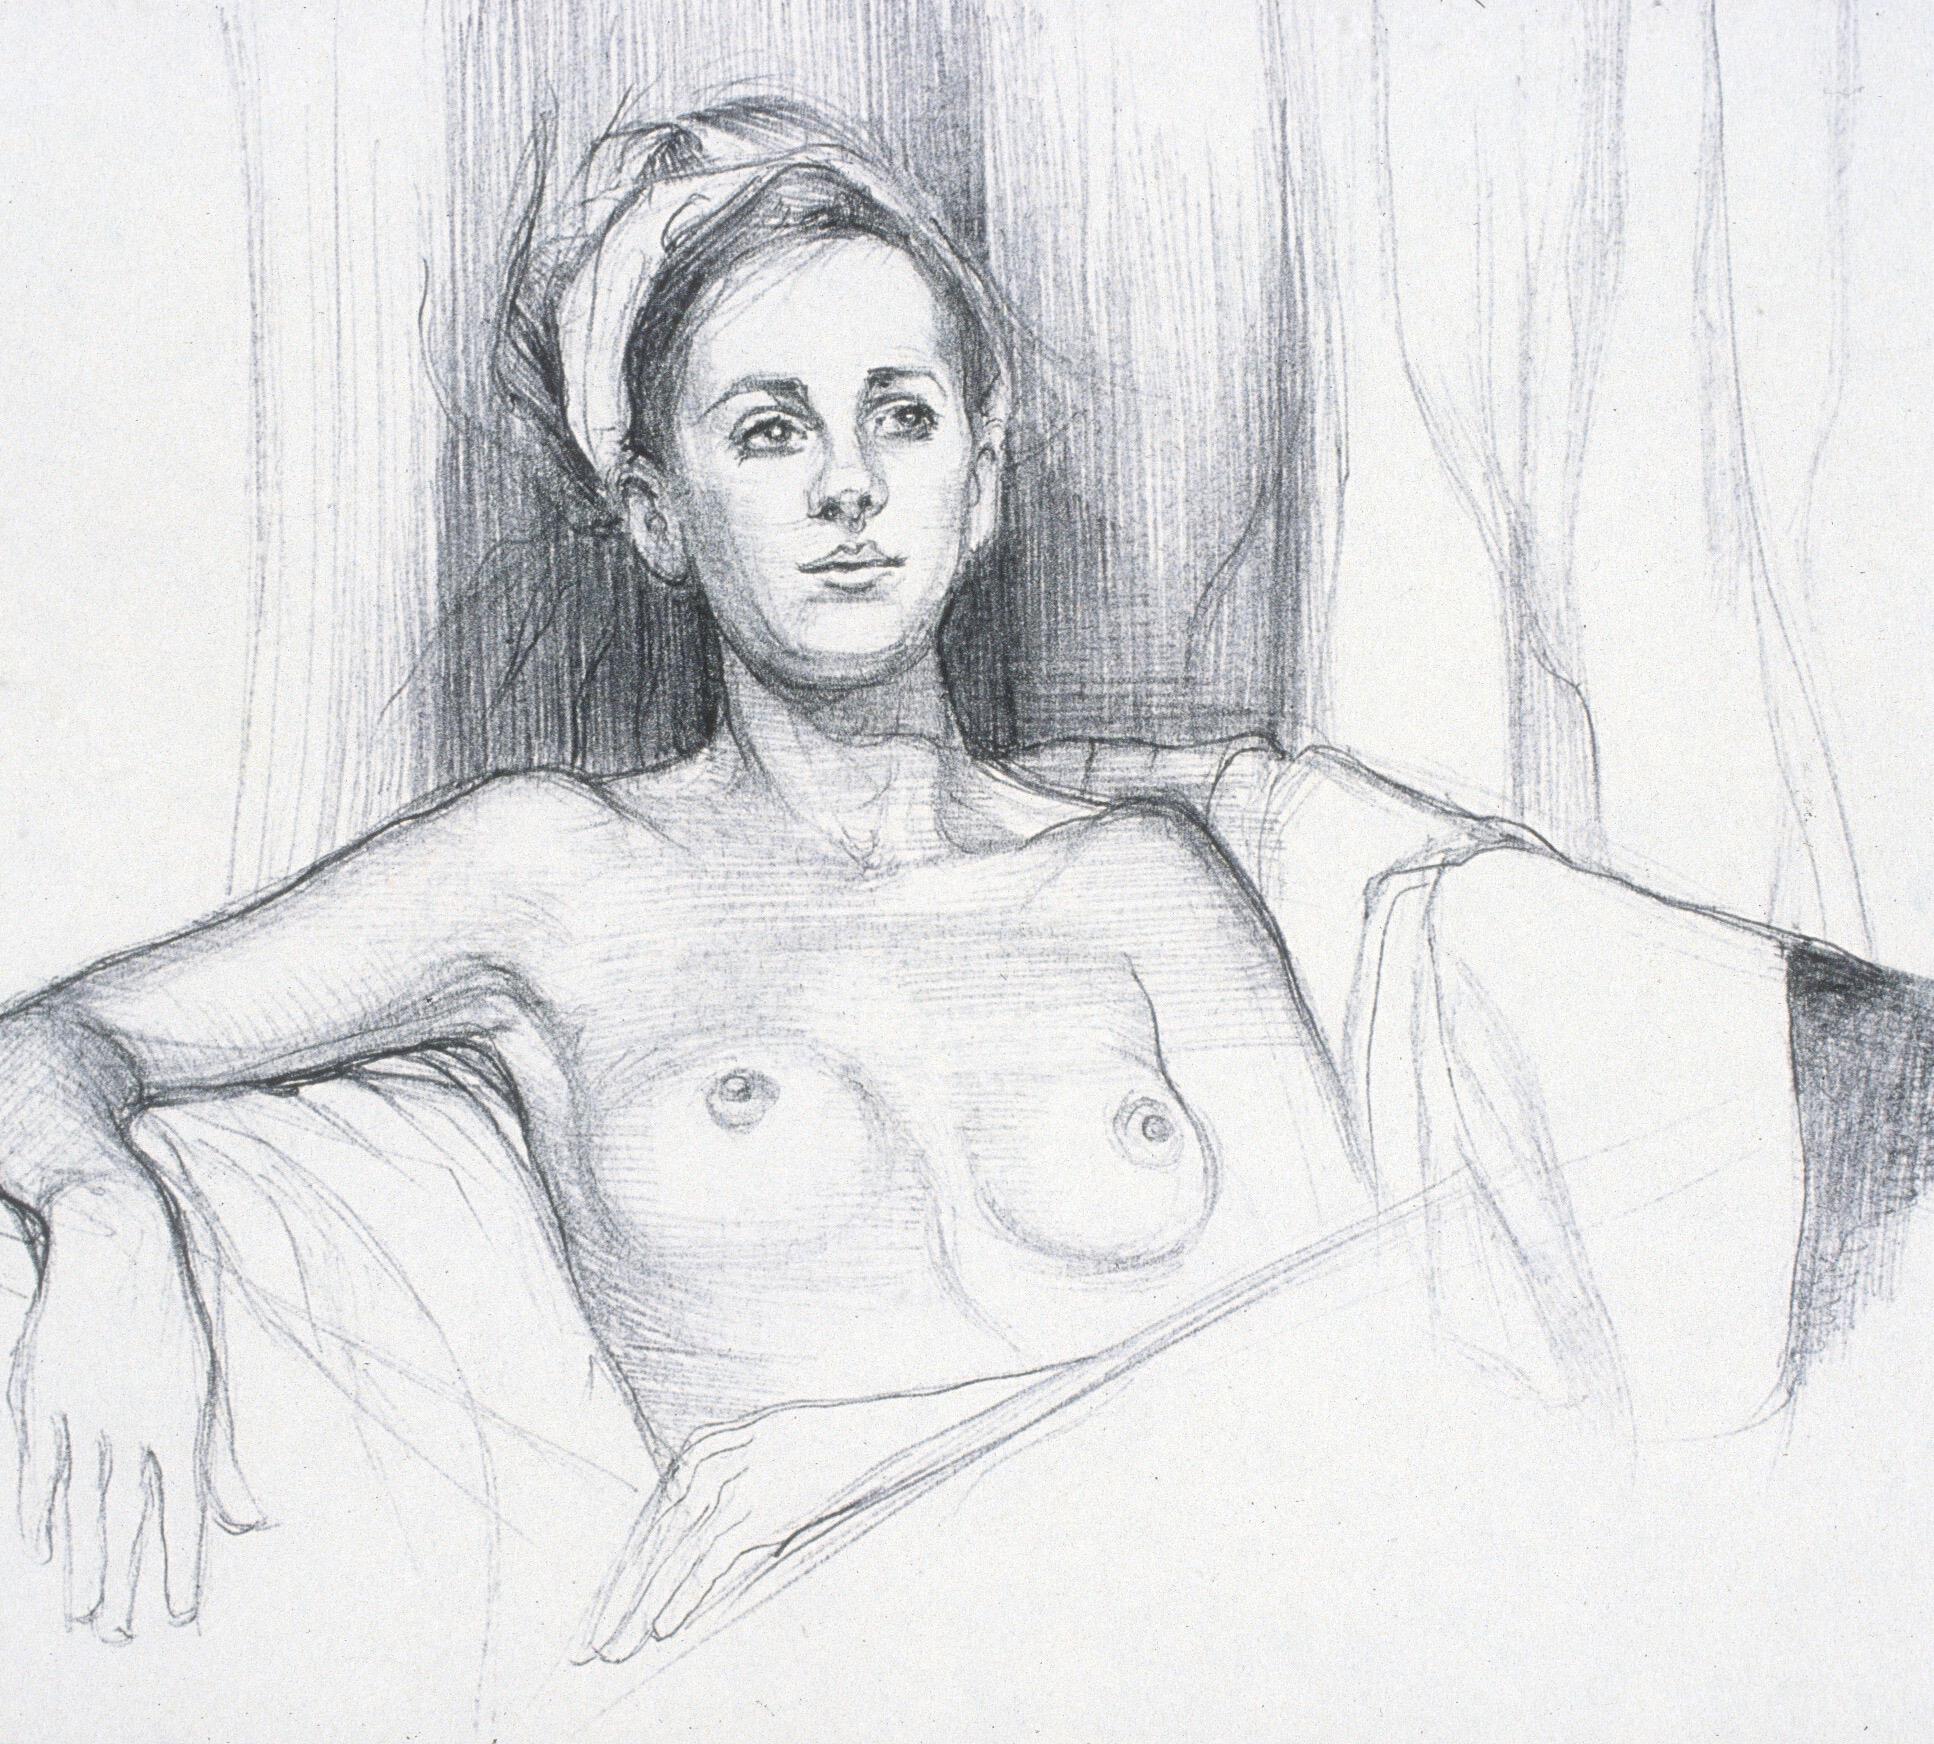 """Lou Ann Burkhardt    Annika,   2001 Pen and ink on paper 11"""" x 14"""" framed $325"""